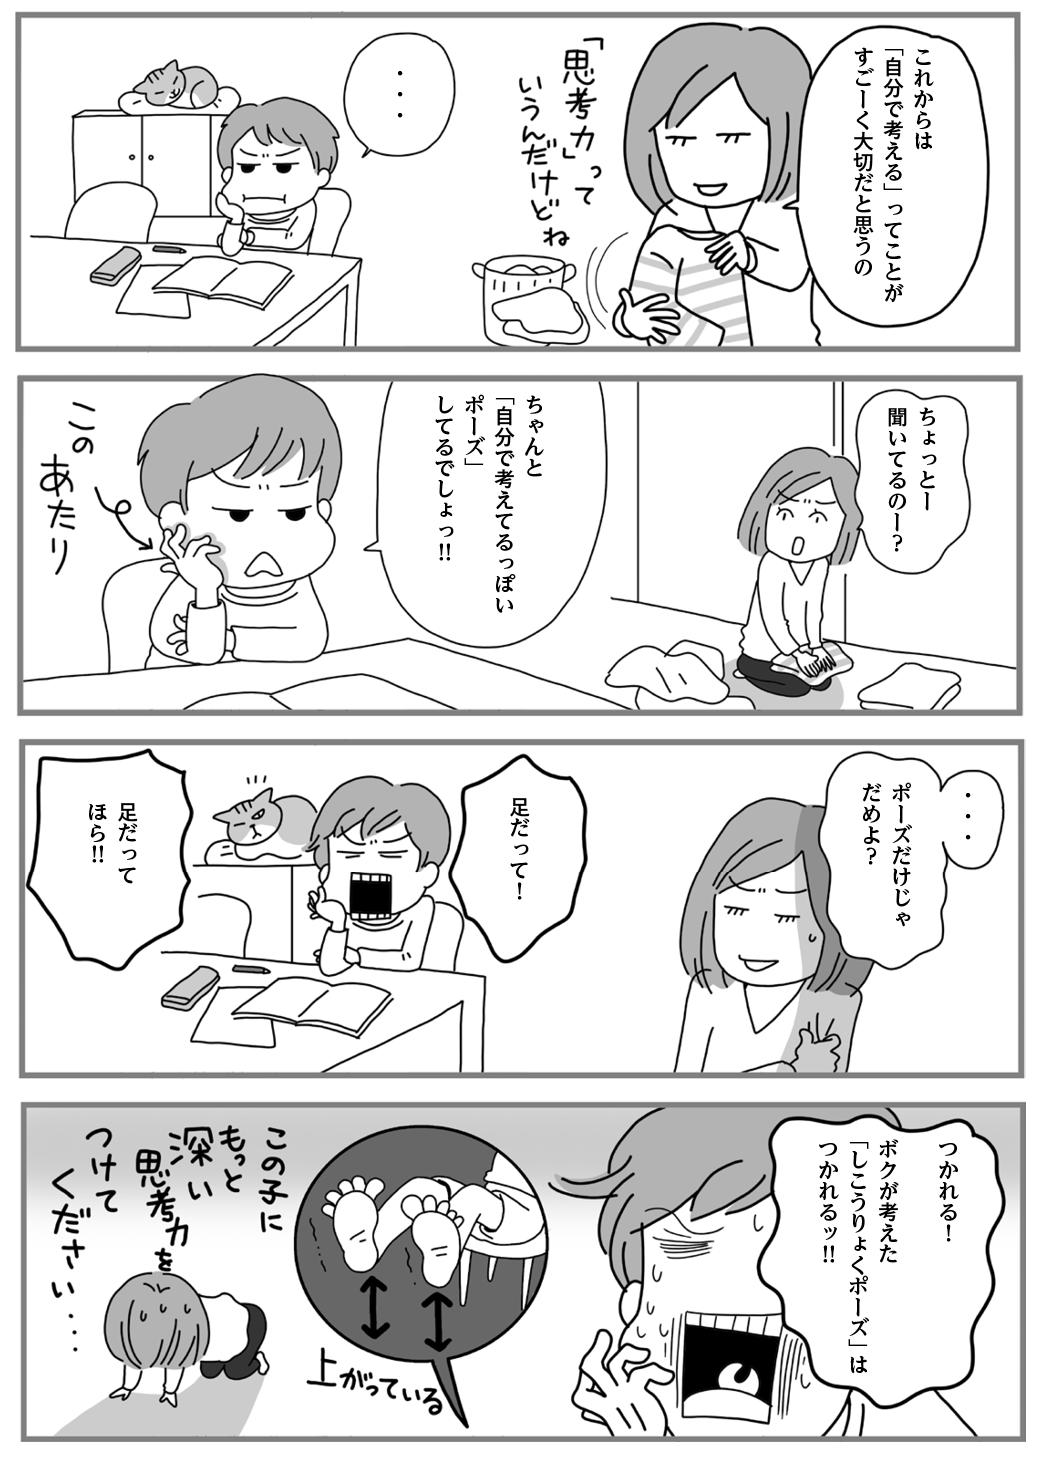 2019-02-学習指導要領マンガ-006-1.png